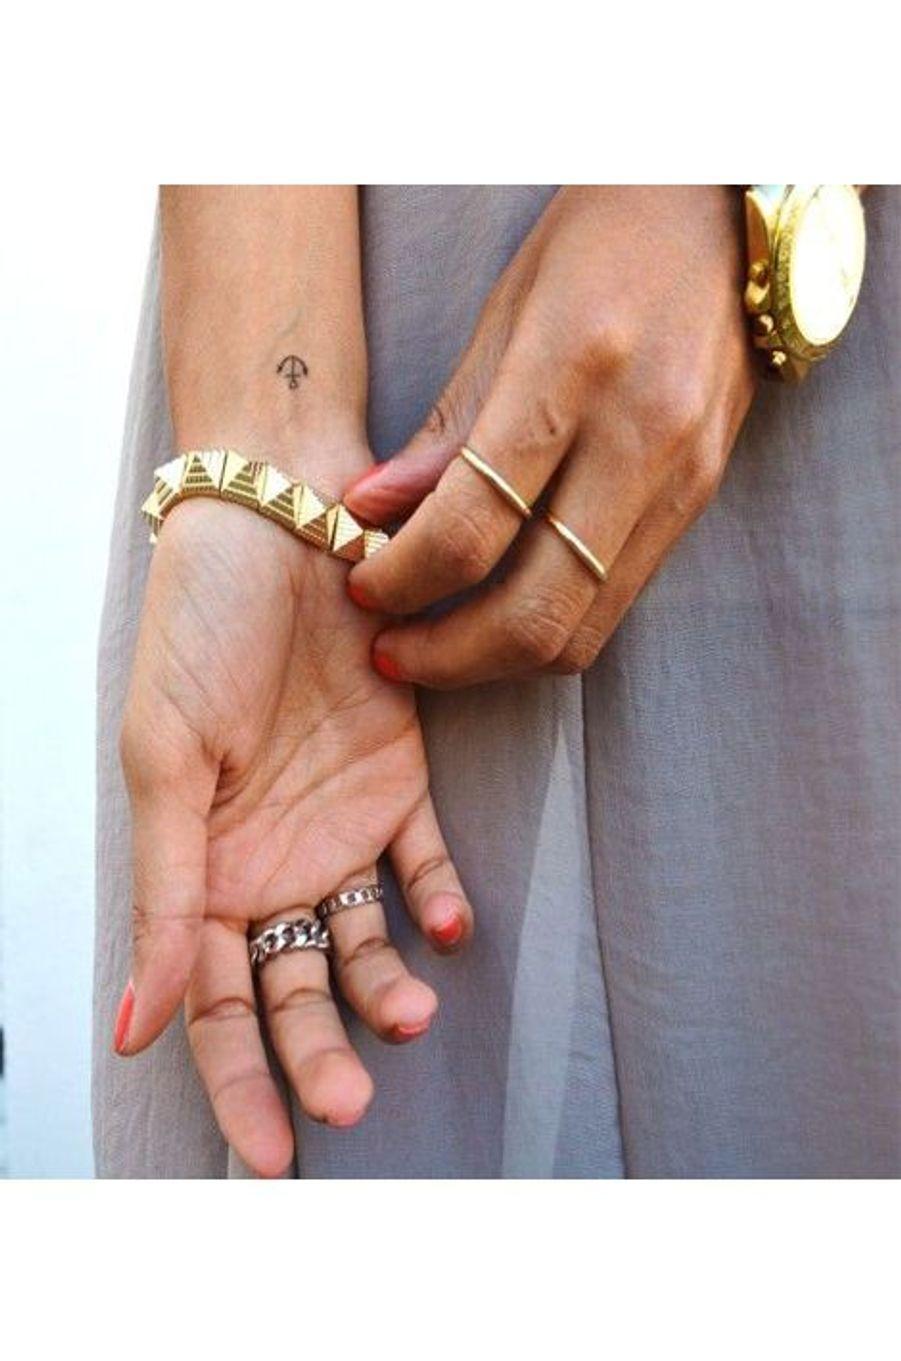 Kate Moss a rendu l'ancre populaire et sexy! A l'intérieur du poignet, il reste petit et délicat. Le genre de tatouage qu'on arbore en toute discrétion et qui ne sera visible que des regards les plus avertis.https://www.pinterest.com/pin/136937644892847312/